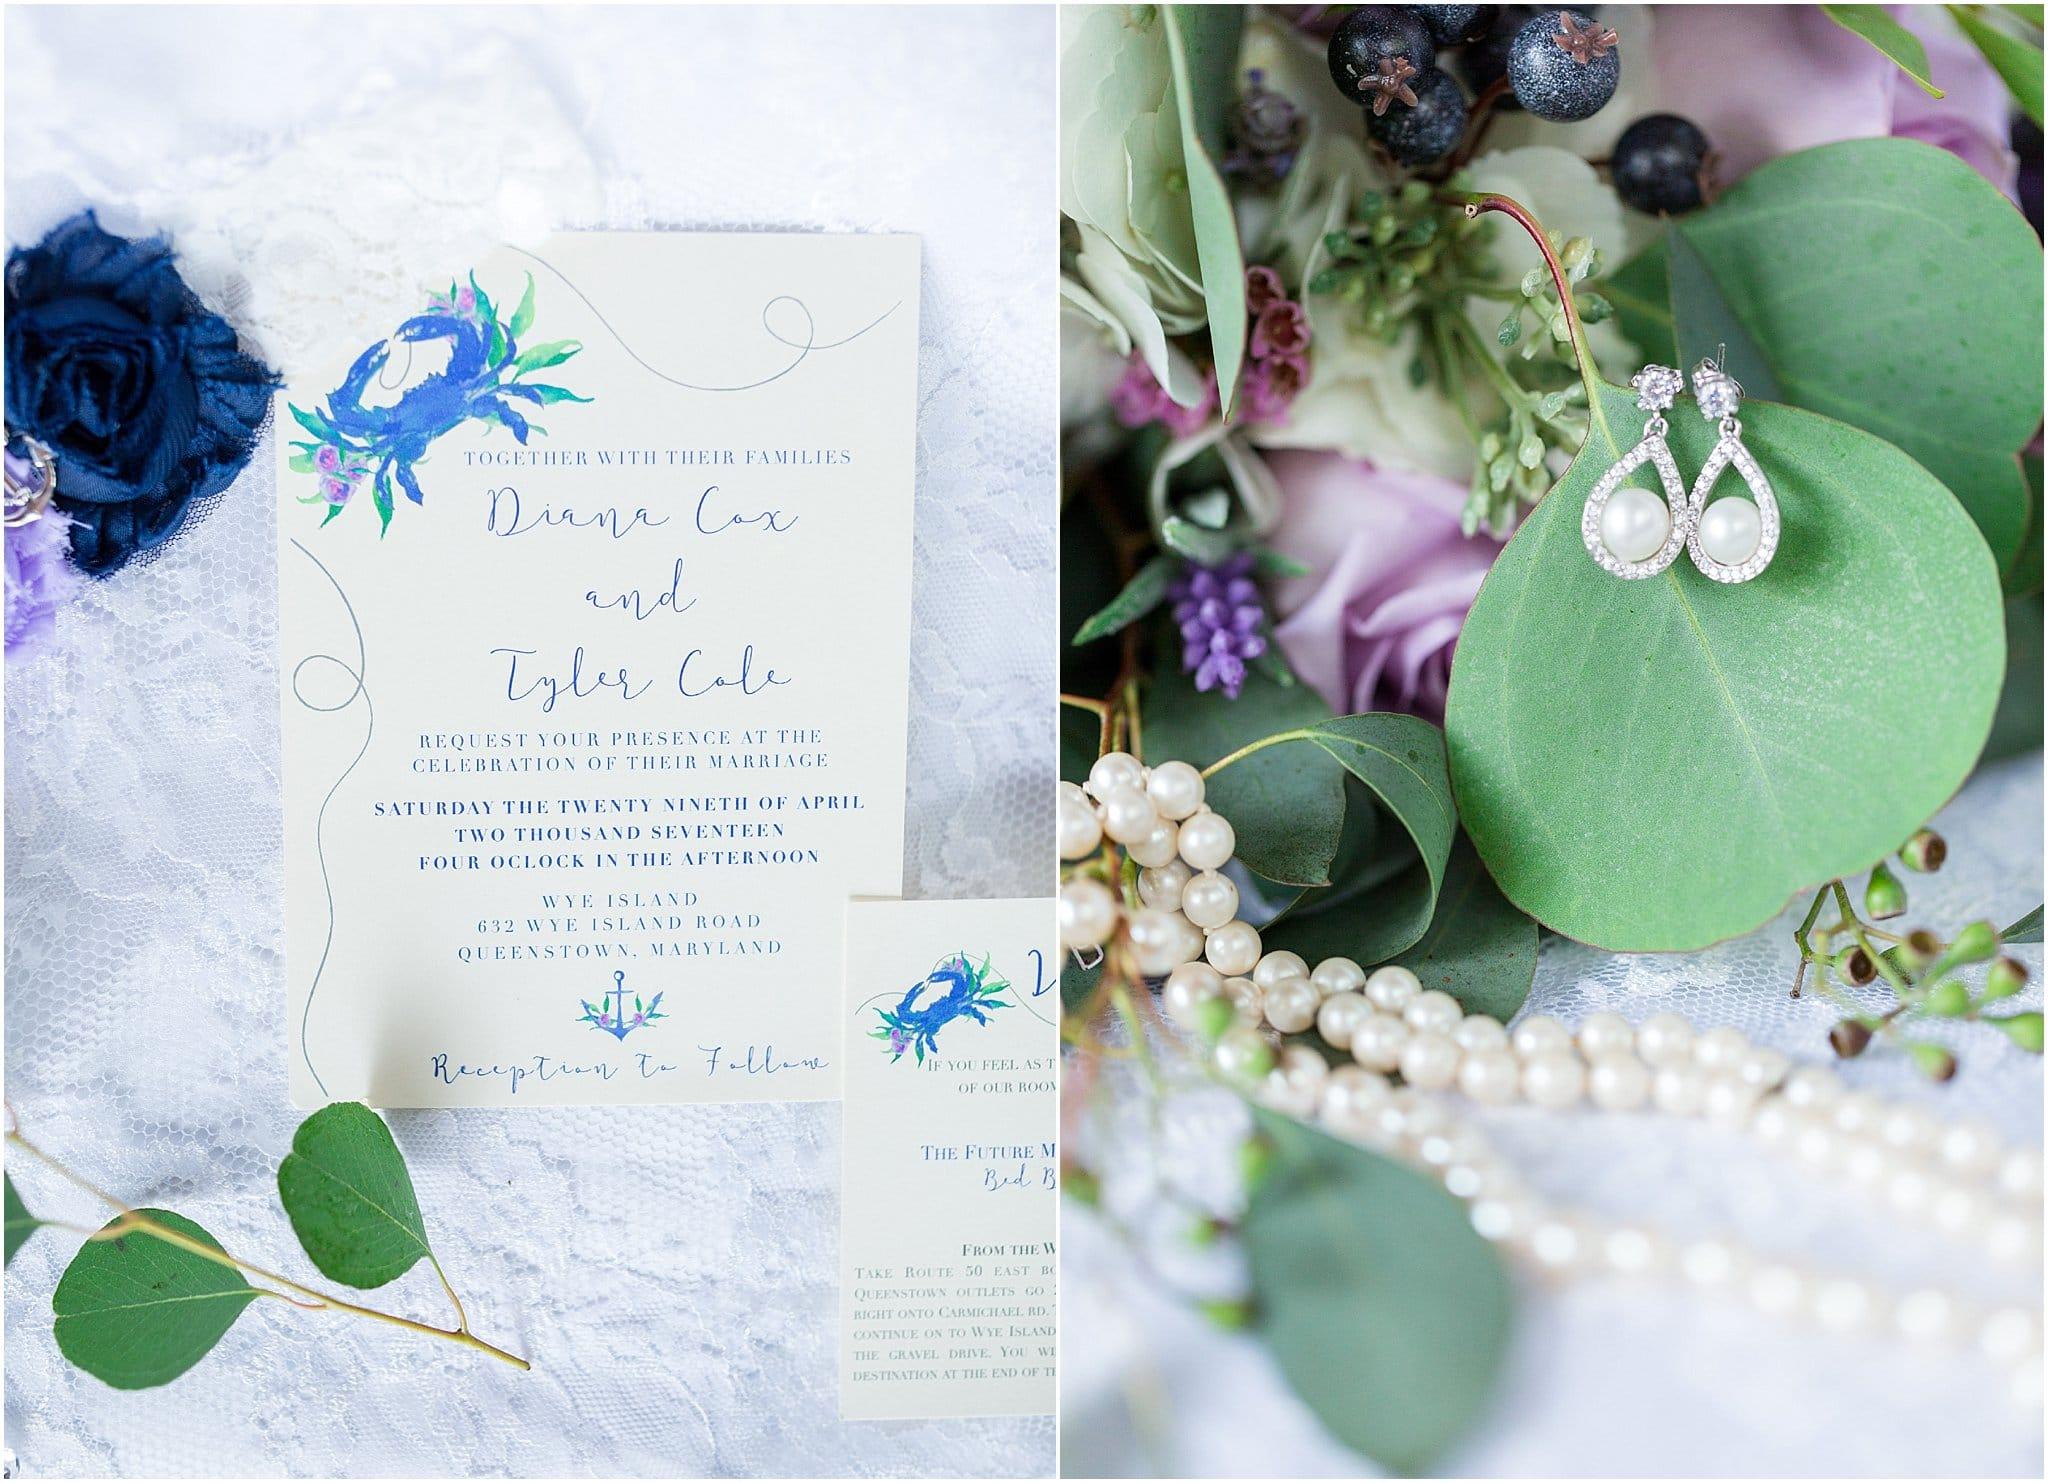 cole-wye-island-wedding-cassidymrphotography_0009